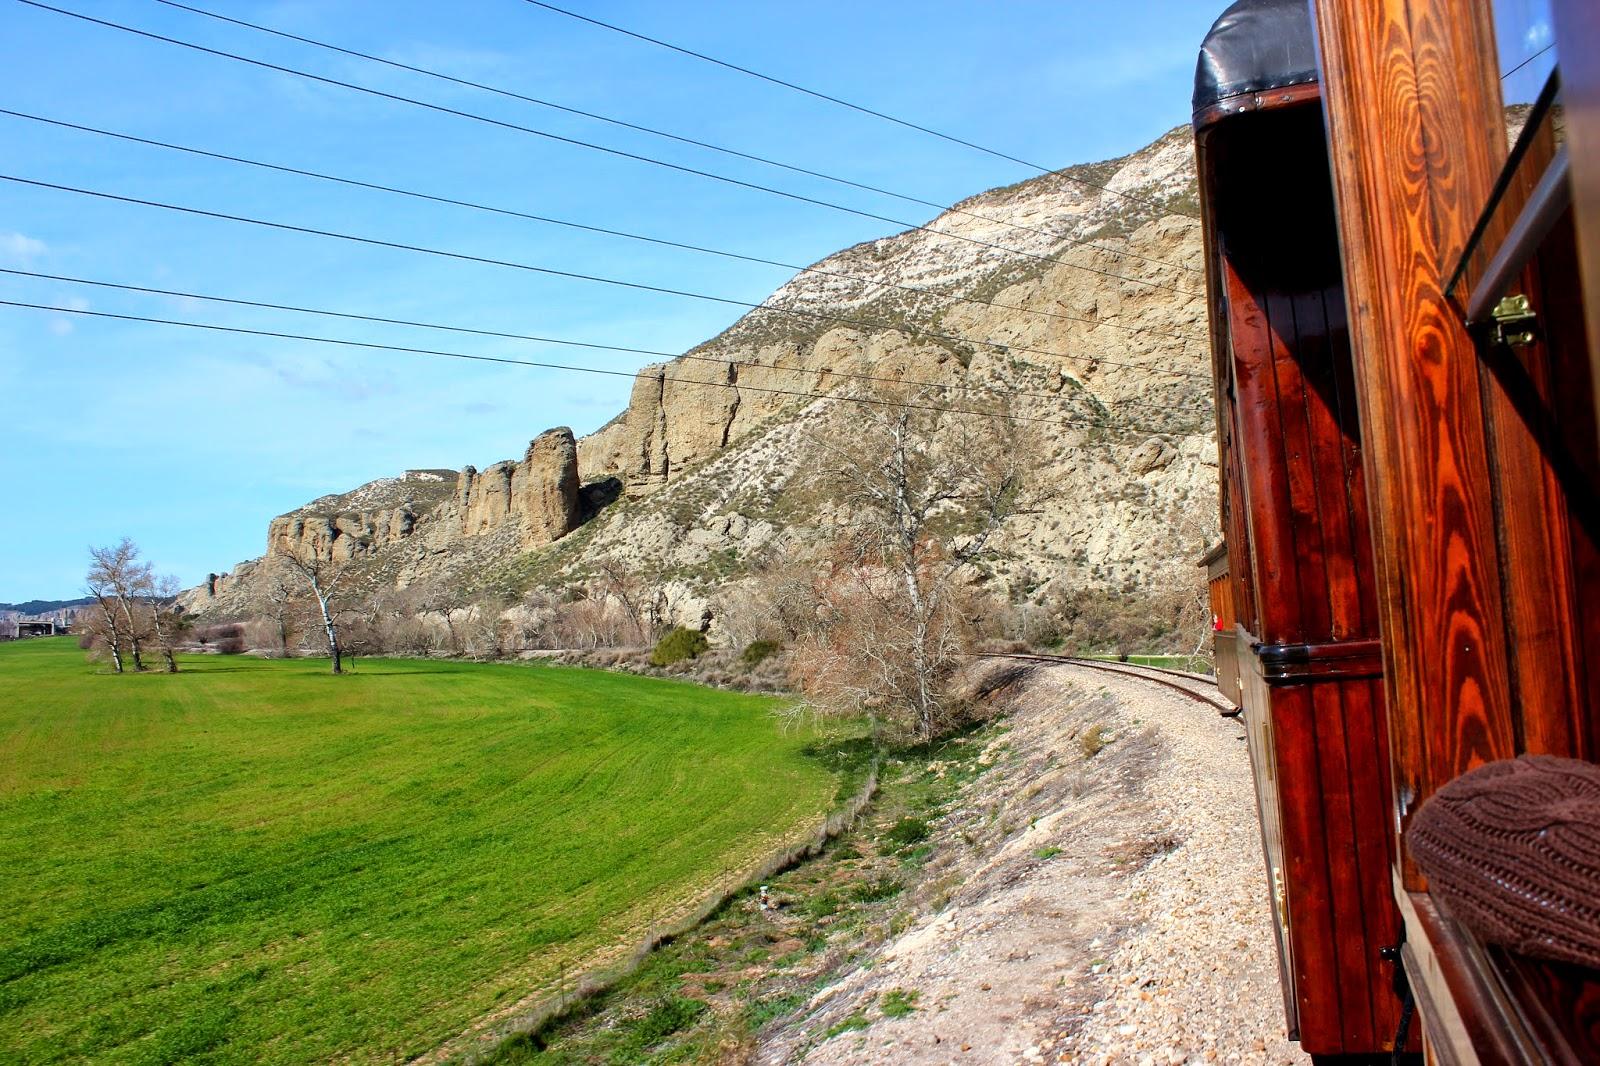 Cortados yesiferos desdee la ventana del tren de vapor Arganda